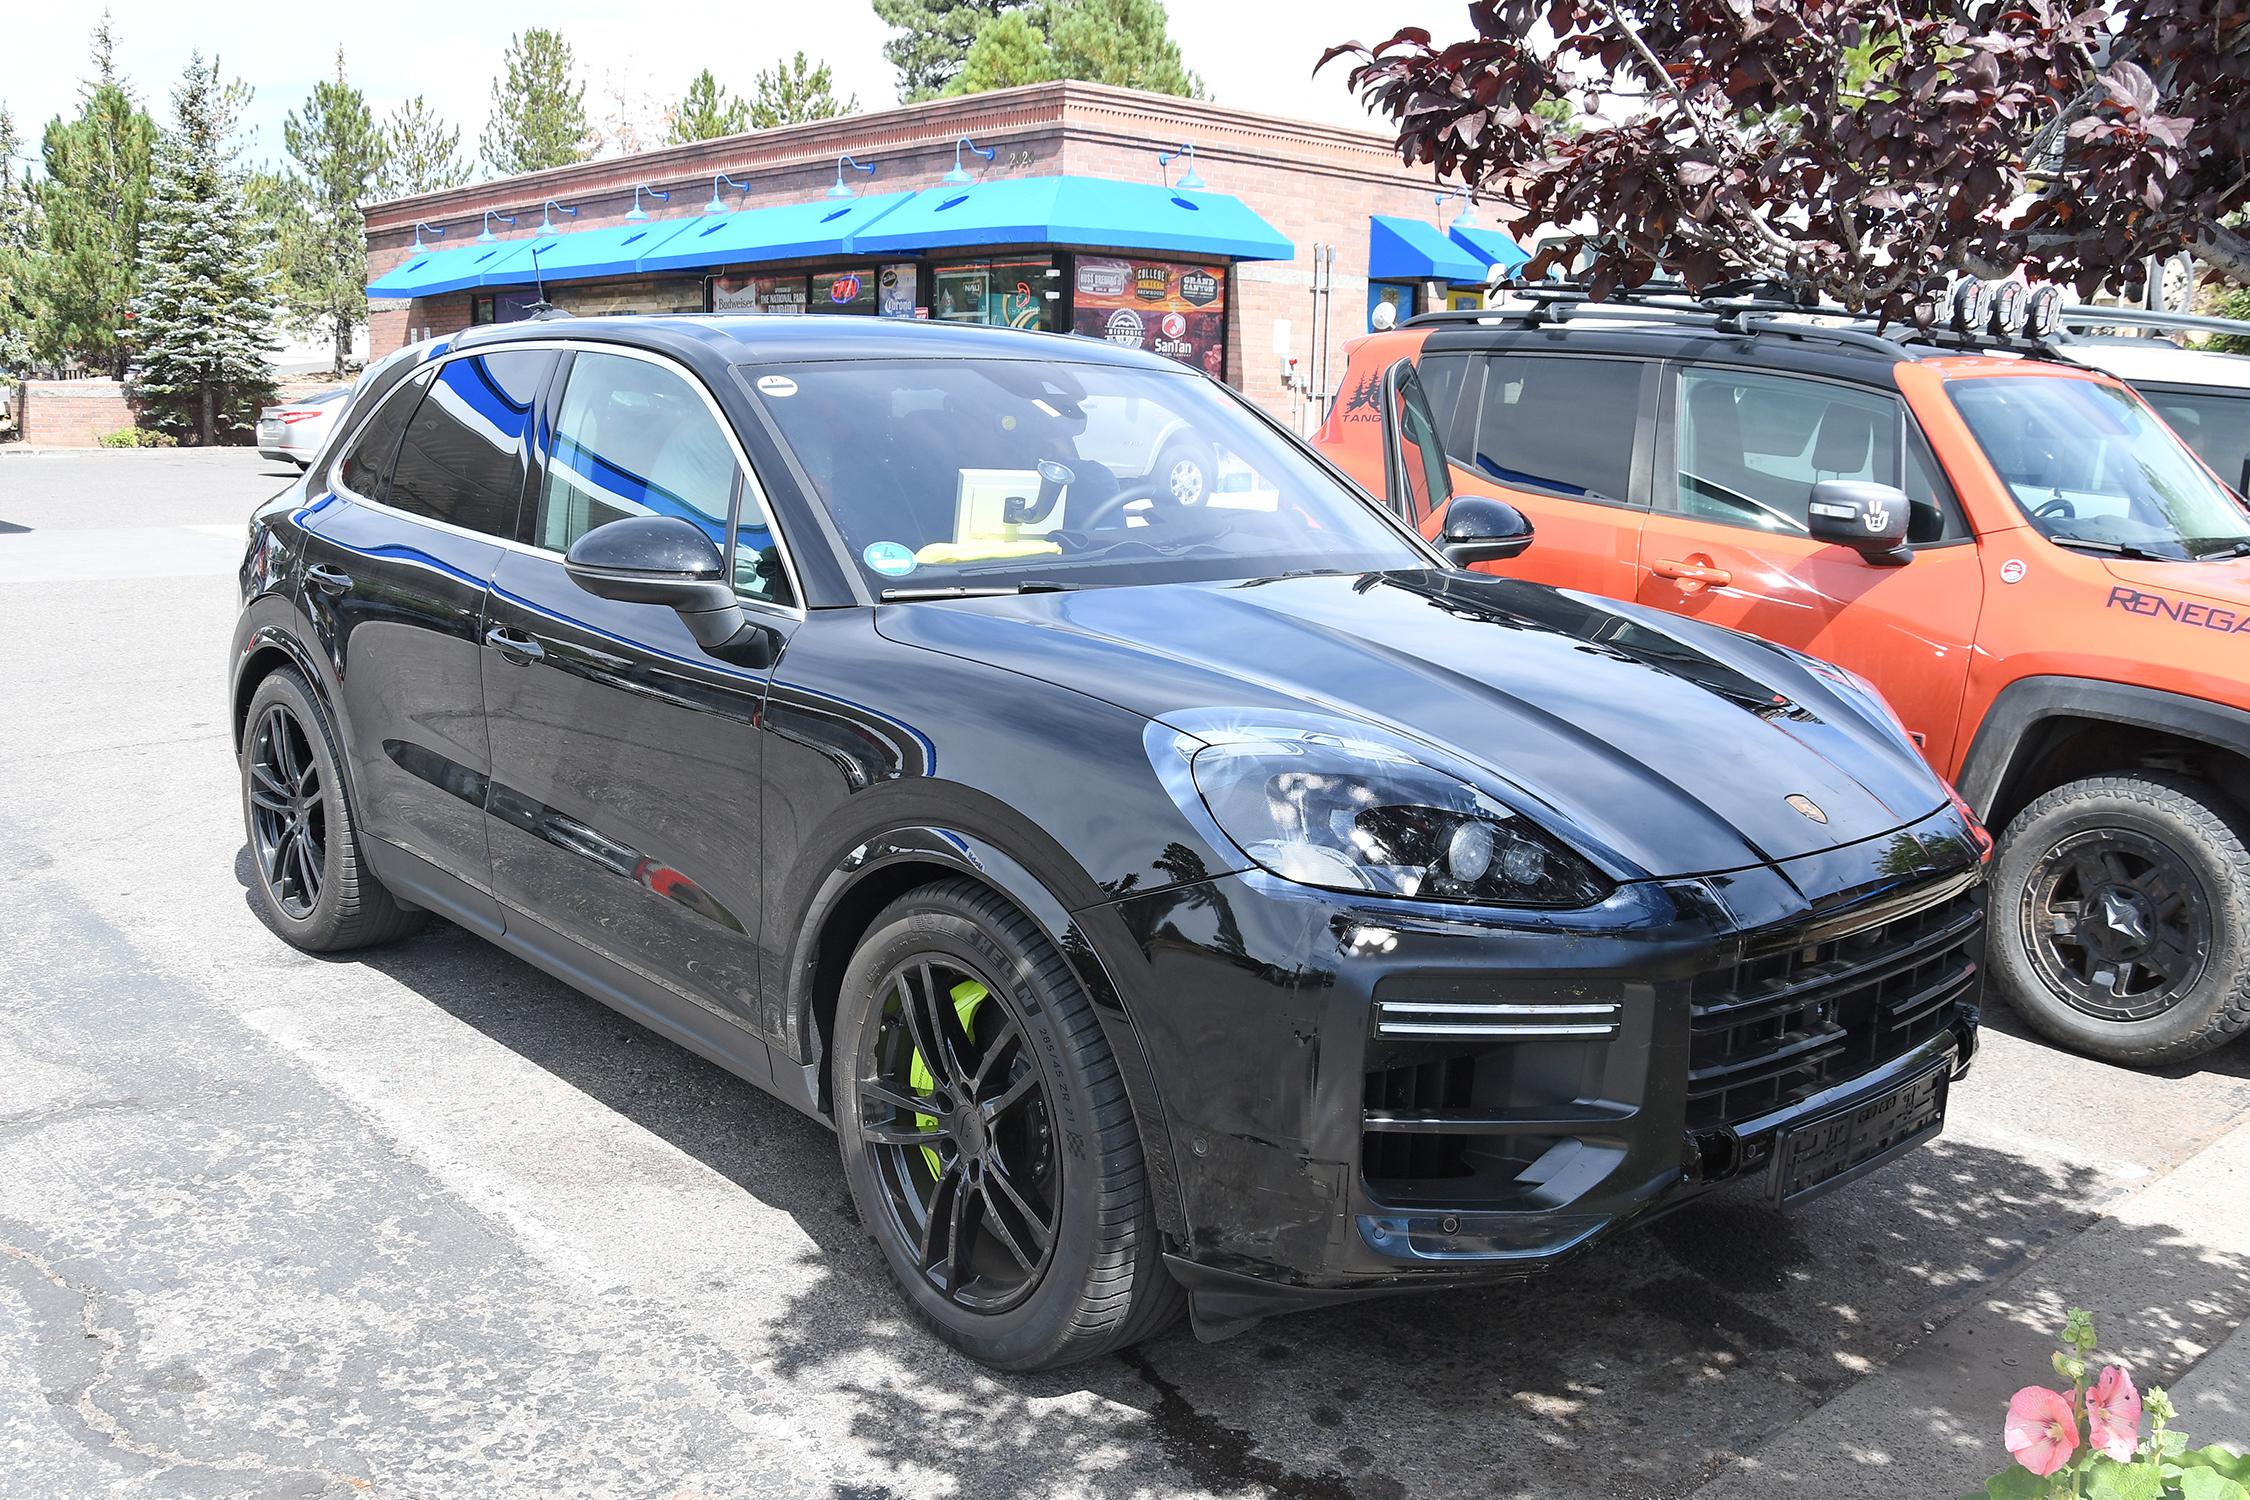 Porsche_Cayenne_Turbo_002